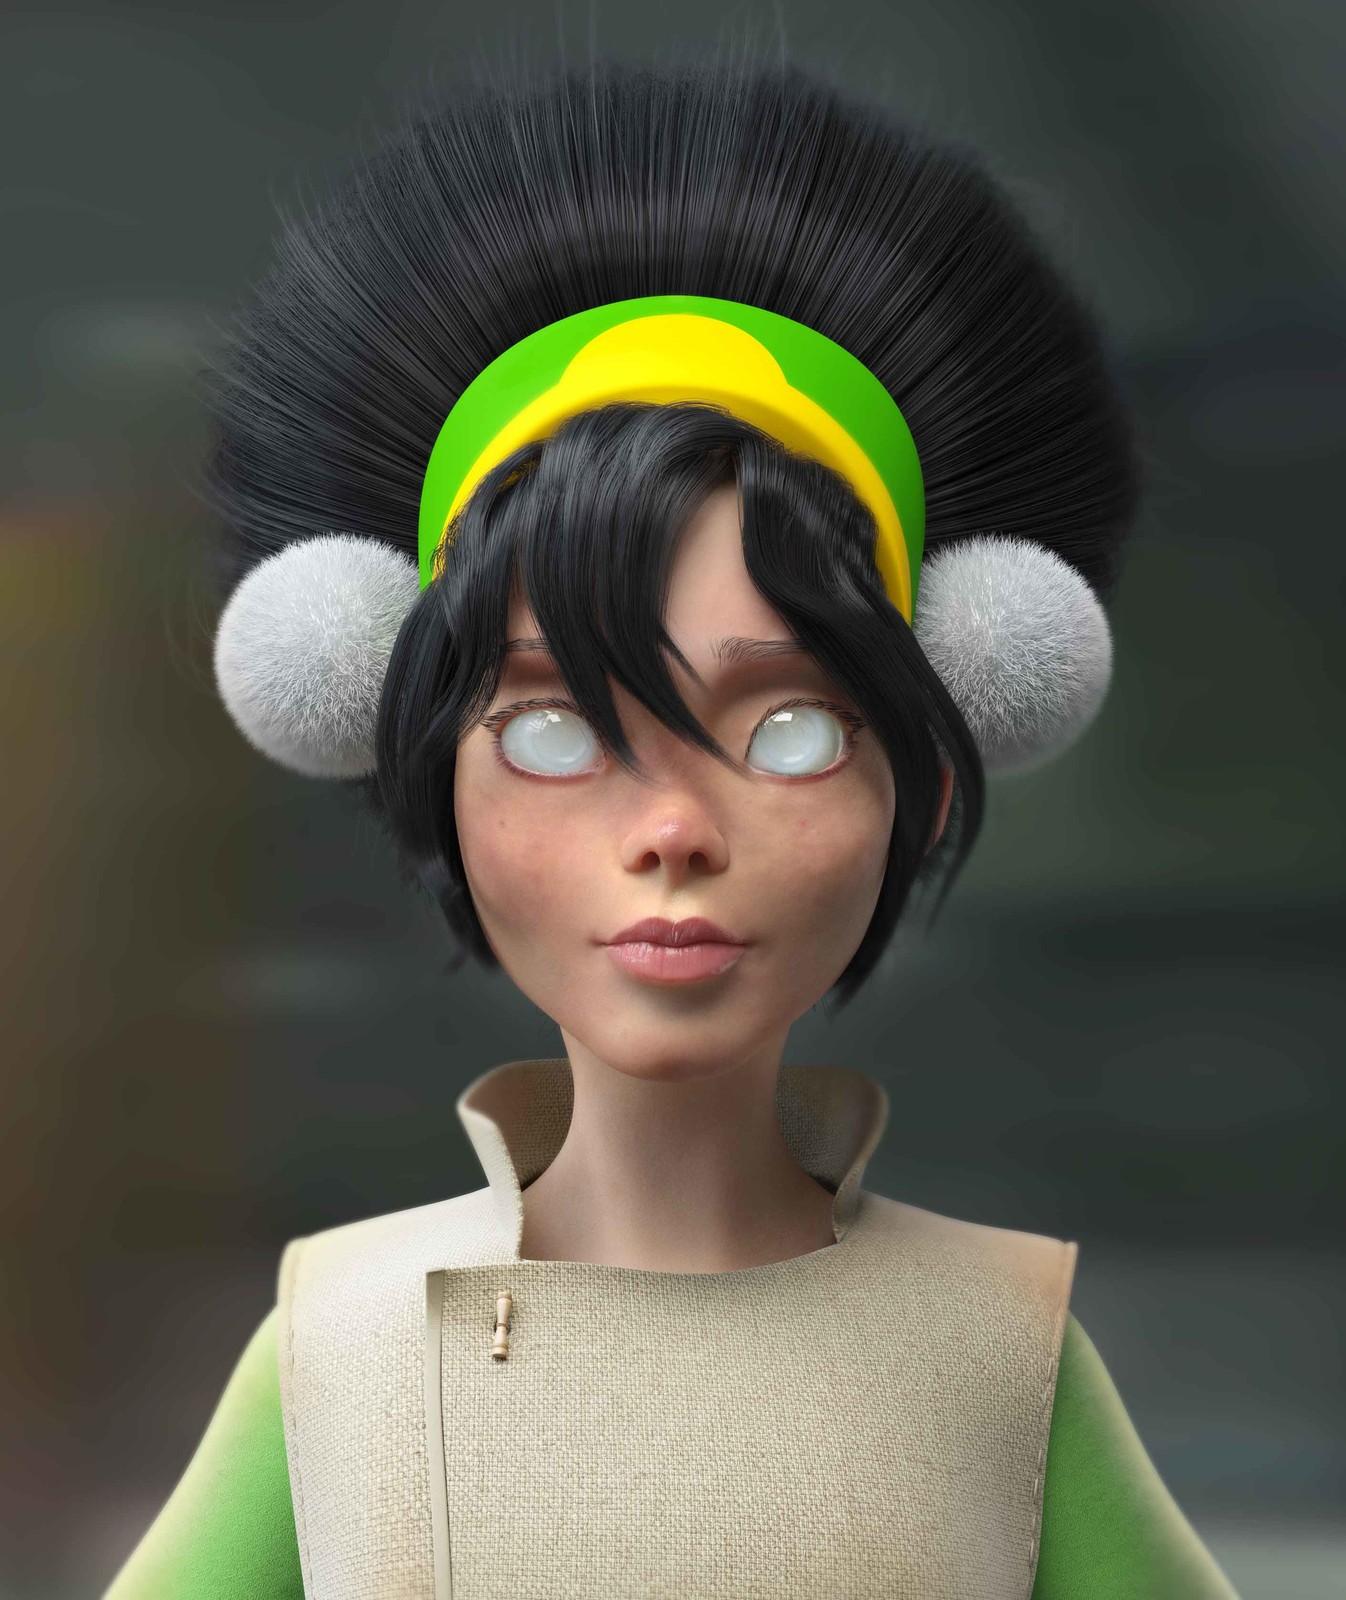 Portrait Toph Beifong - Avatar